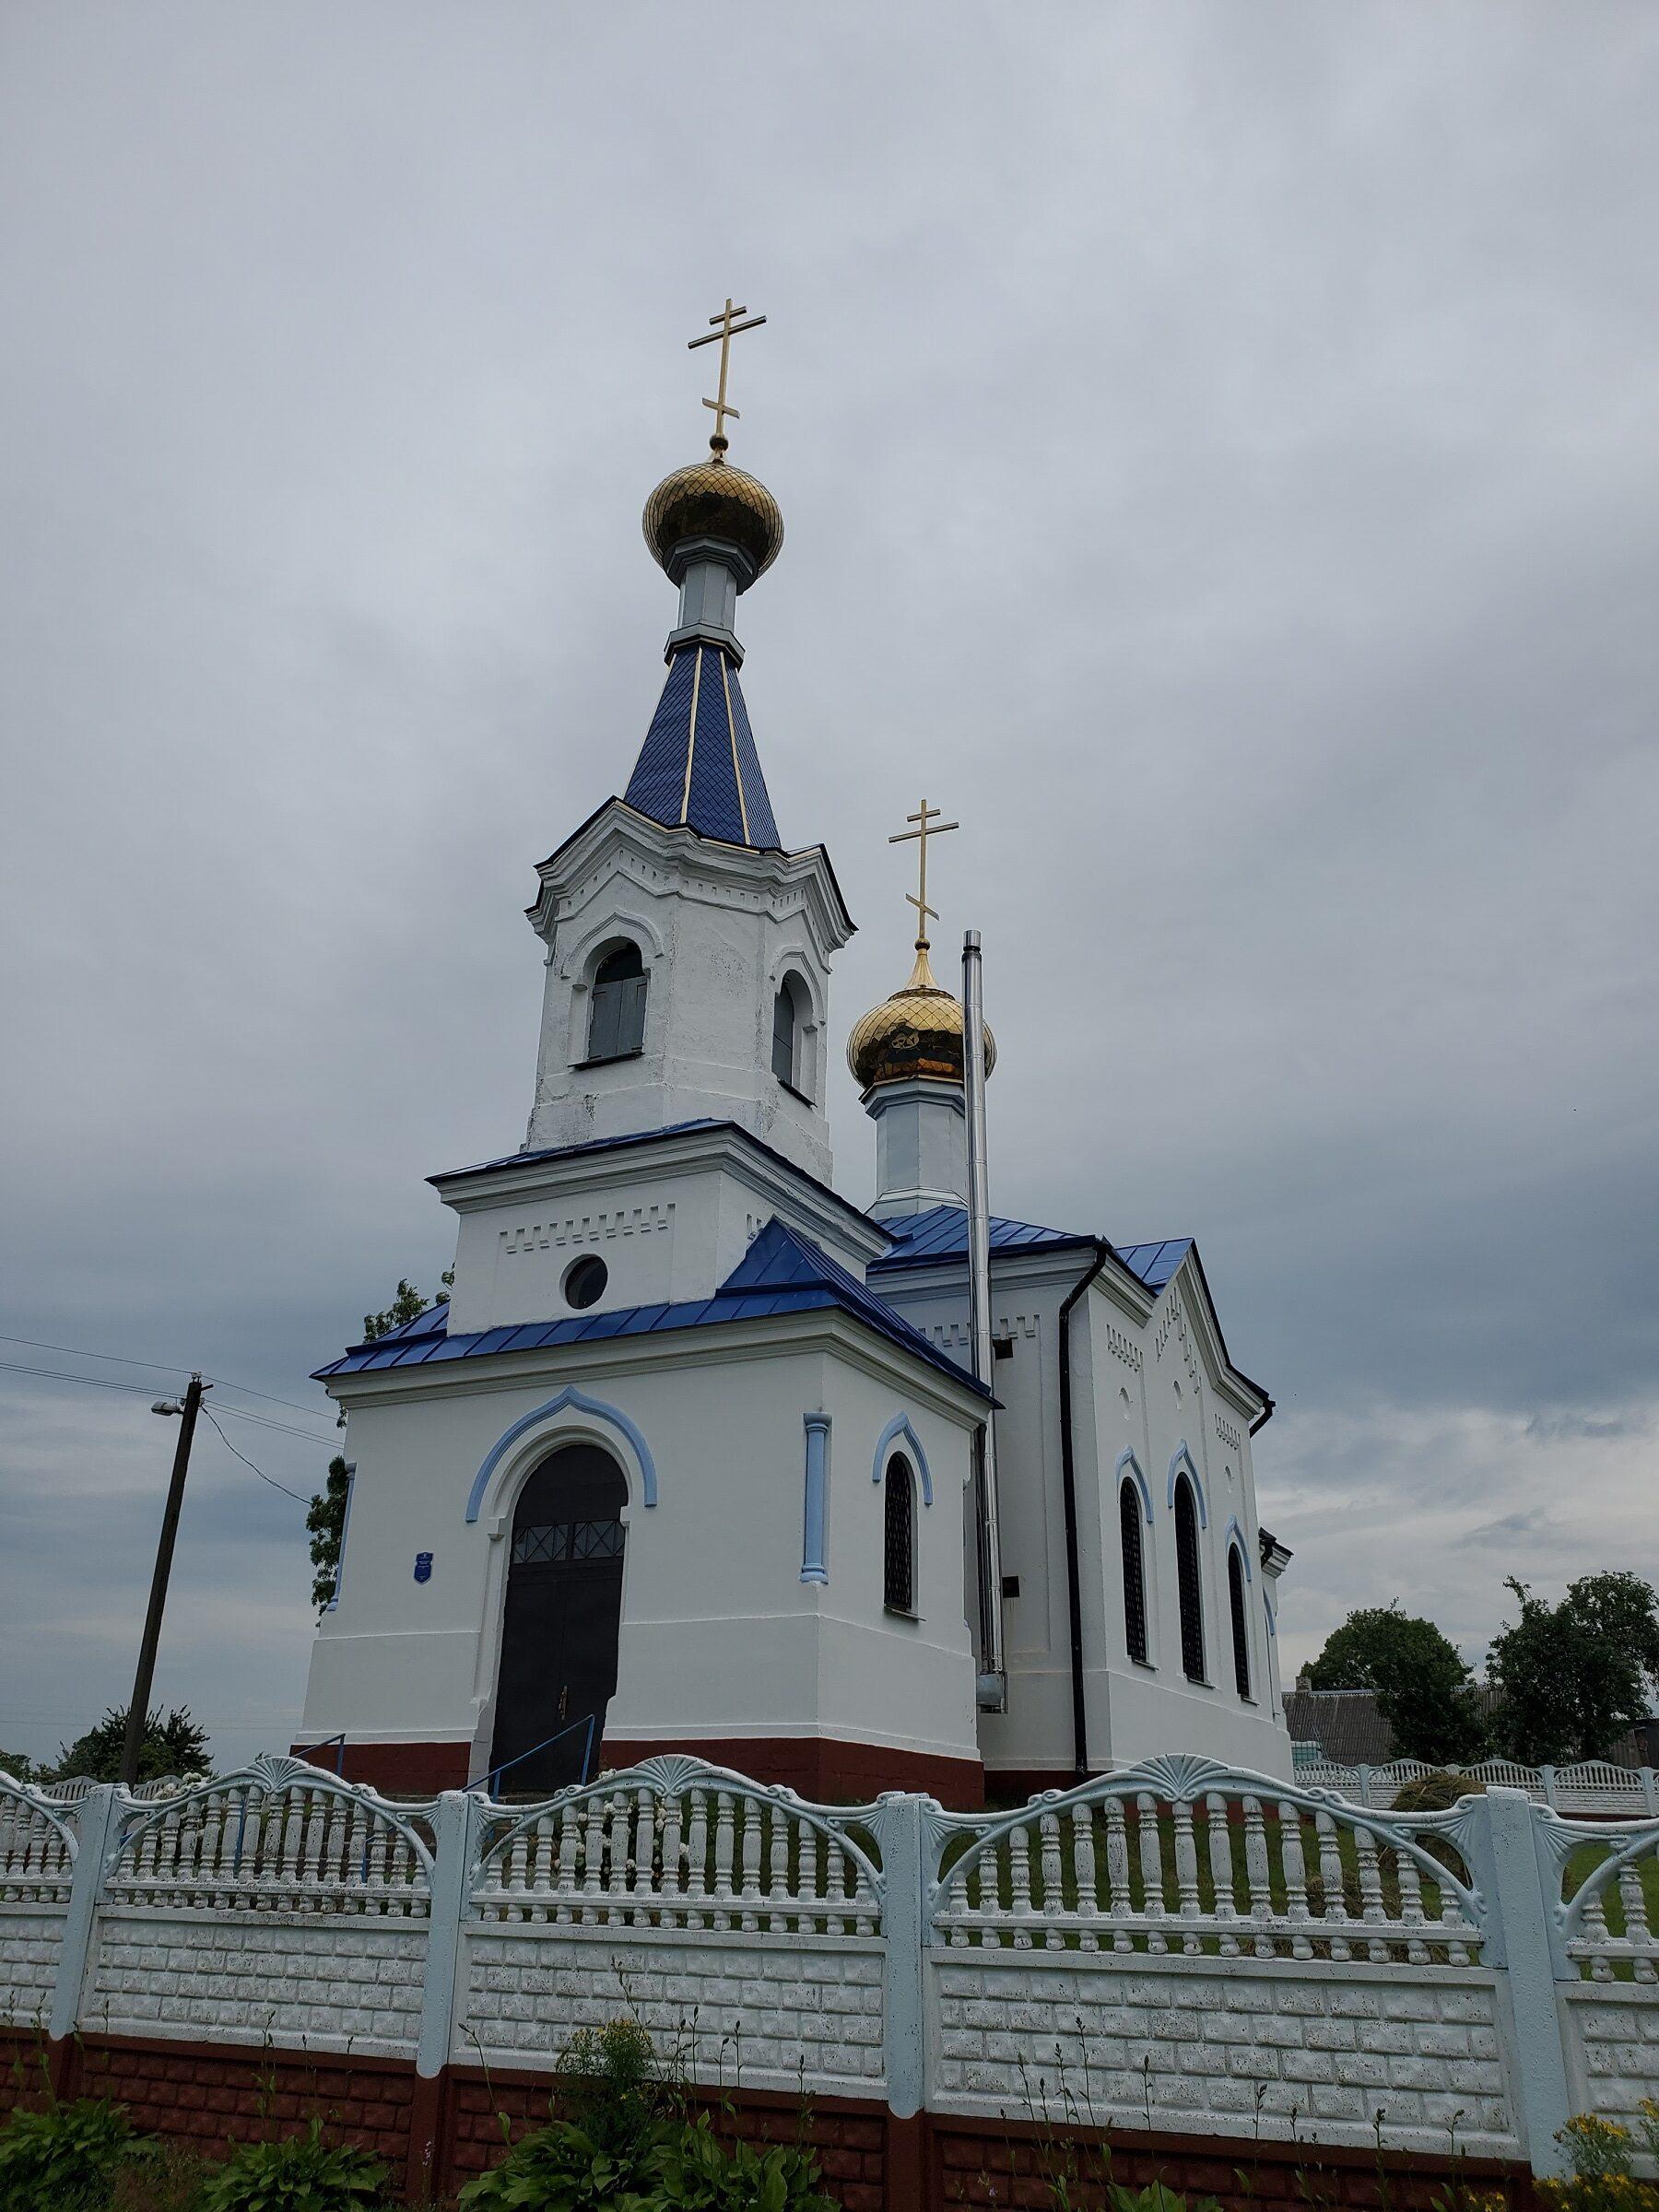 20200705 125048 1 rotated - Церковь Святых Апостолов Петра и Павла в Прозороках